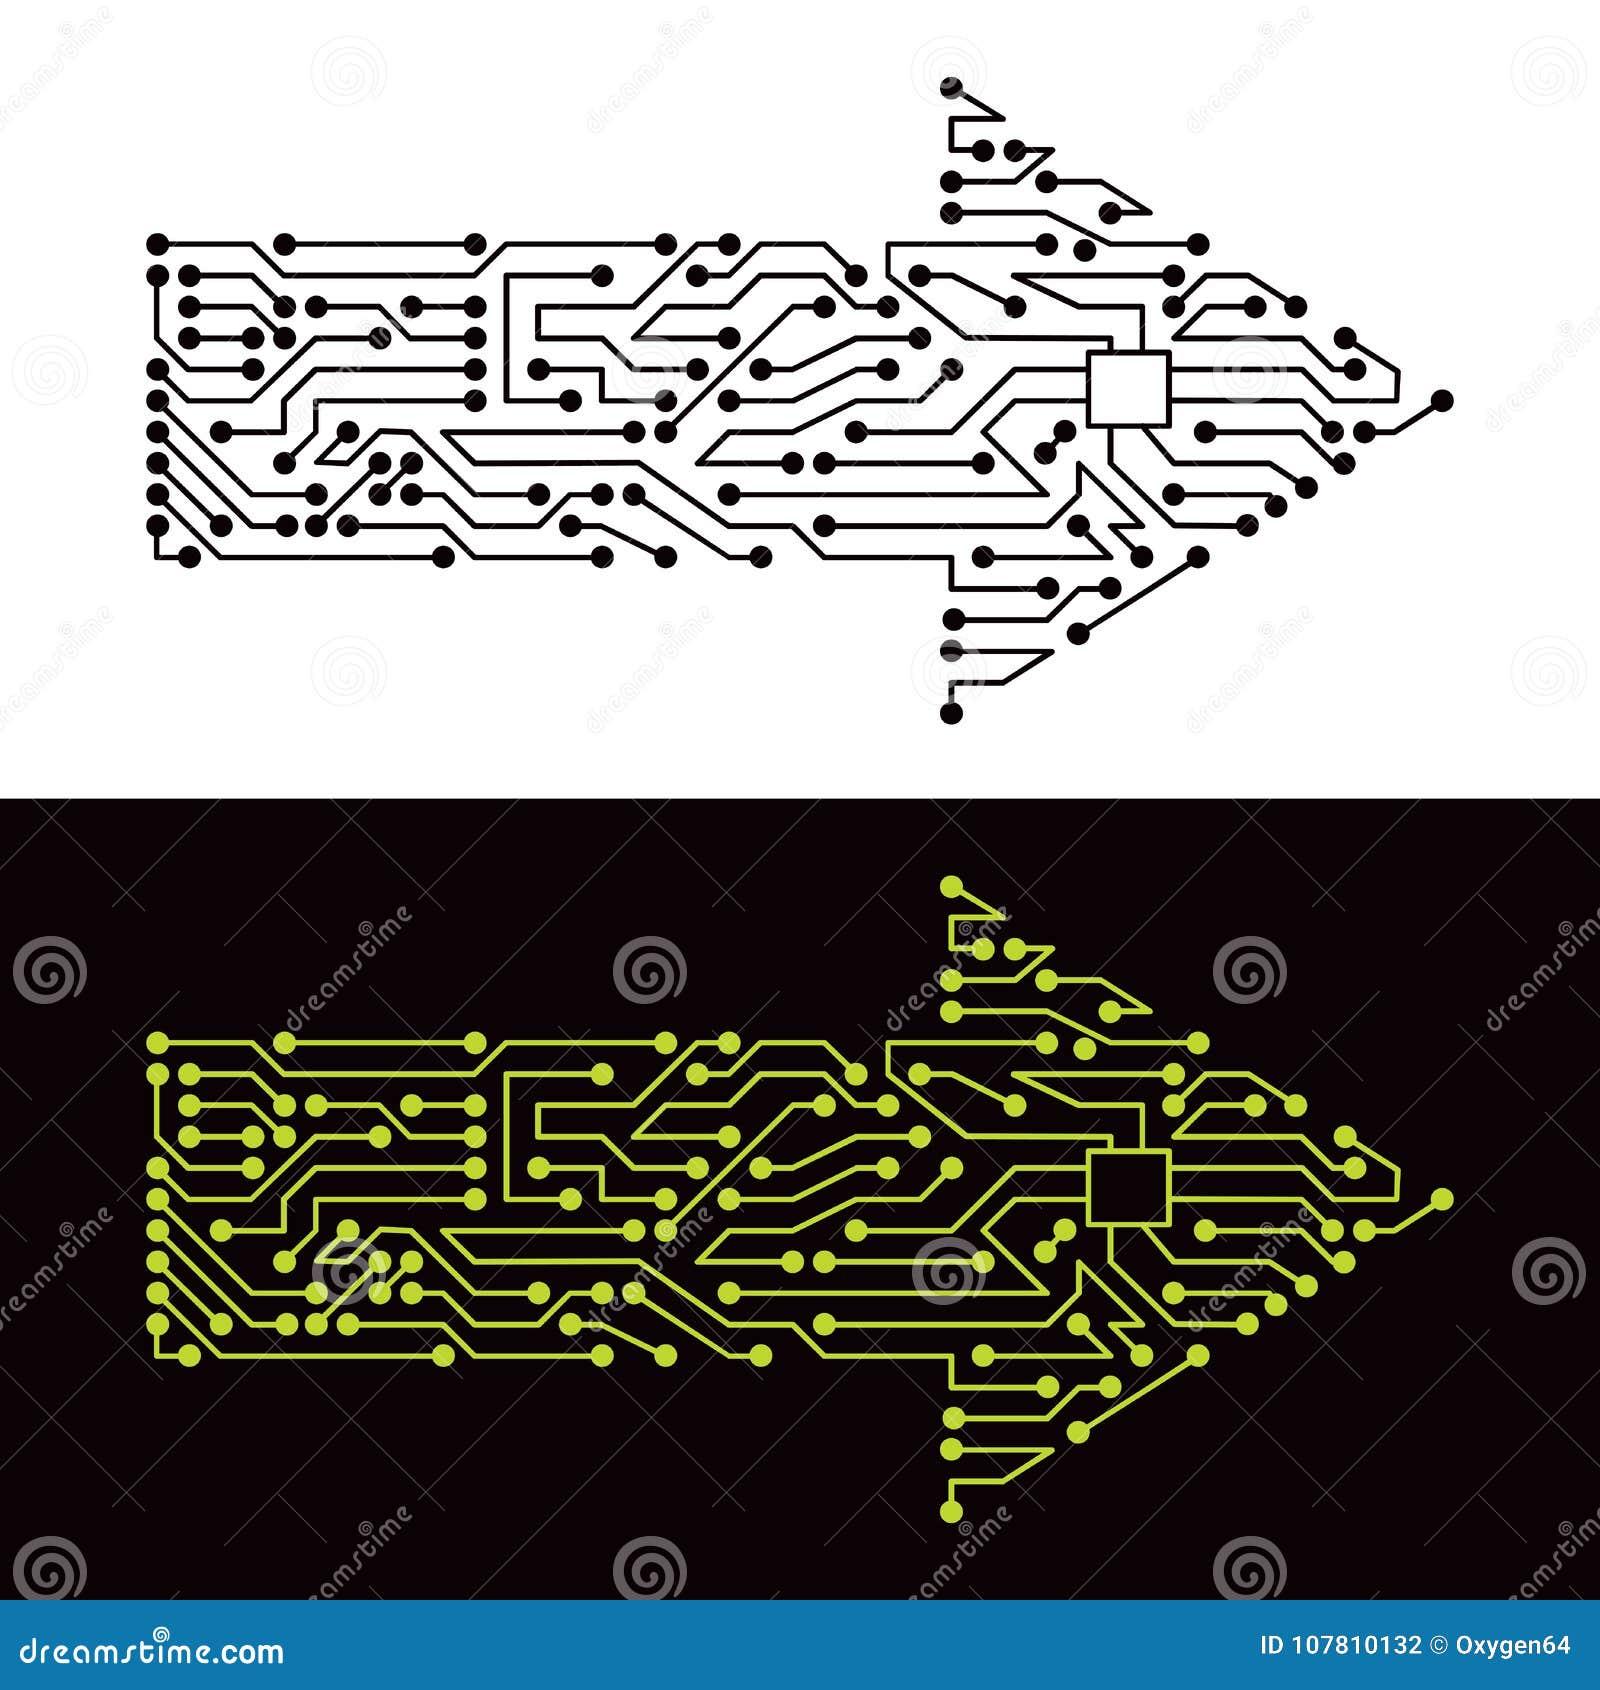 Elektrotechnisches Cad Zeichen Herbert Bernstein Download Choice ...